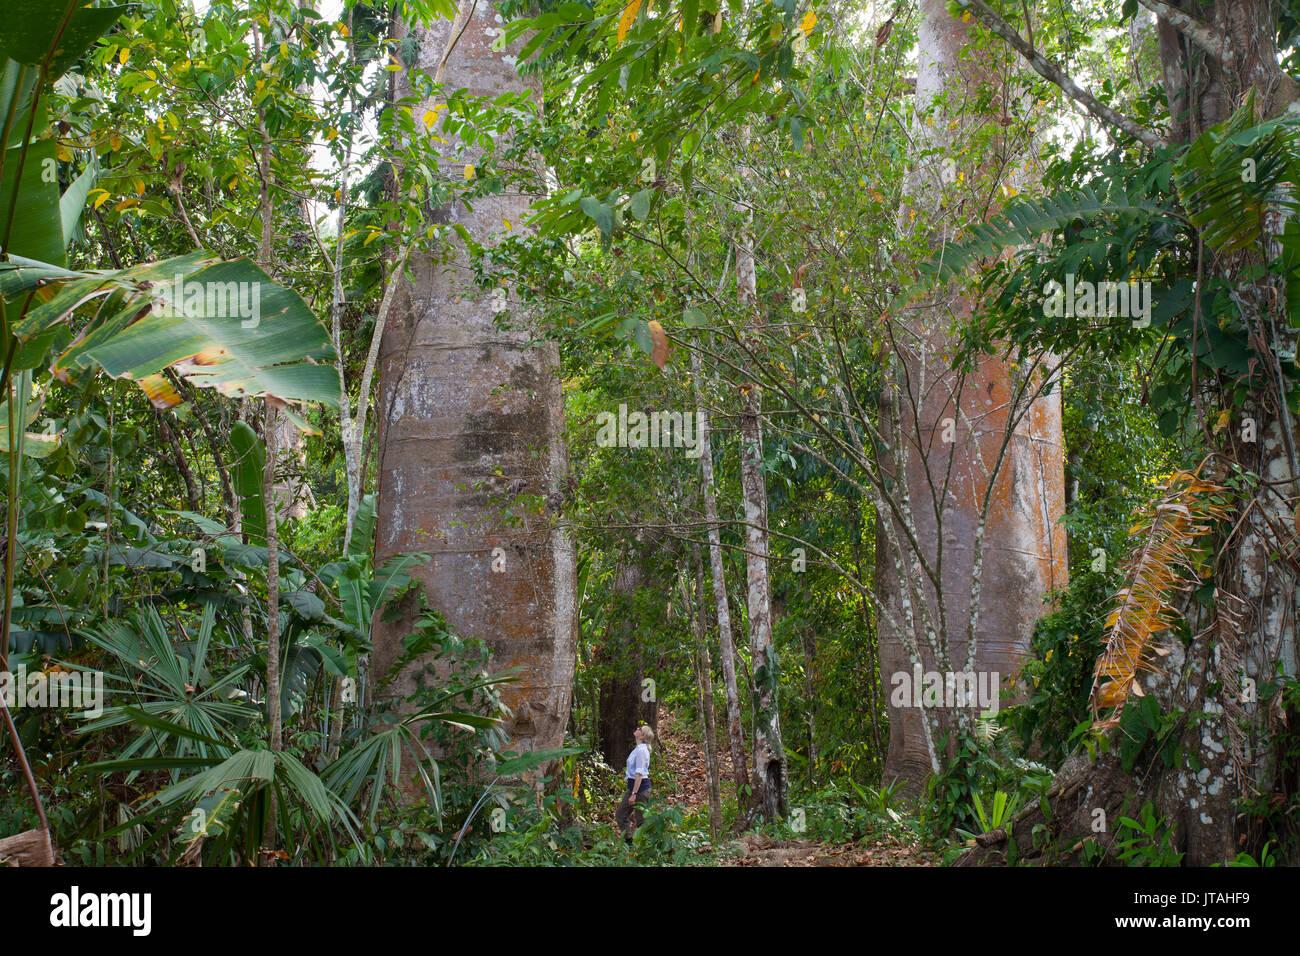 Kapok, Ceiba di seta o cotone (alberi Ceiba pentandra) con umana alla base per mostrare la scala, Darien, Panama. Immagini Stock